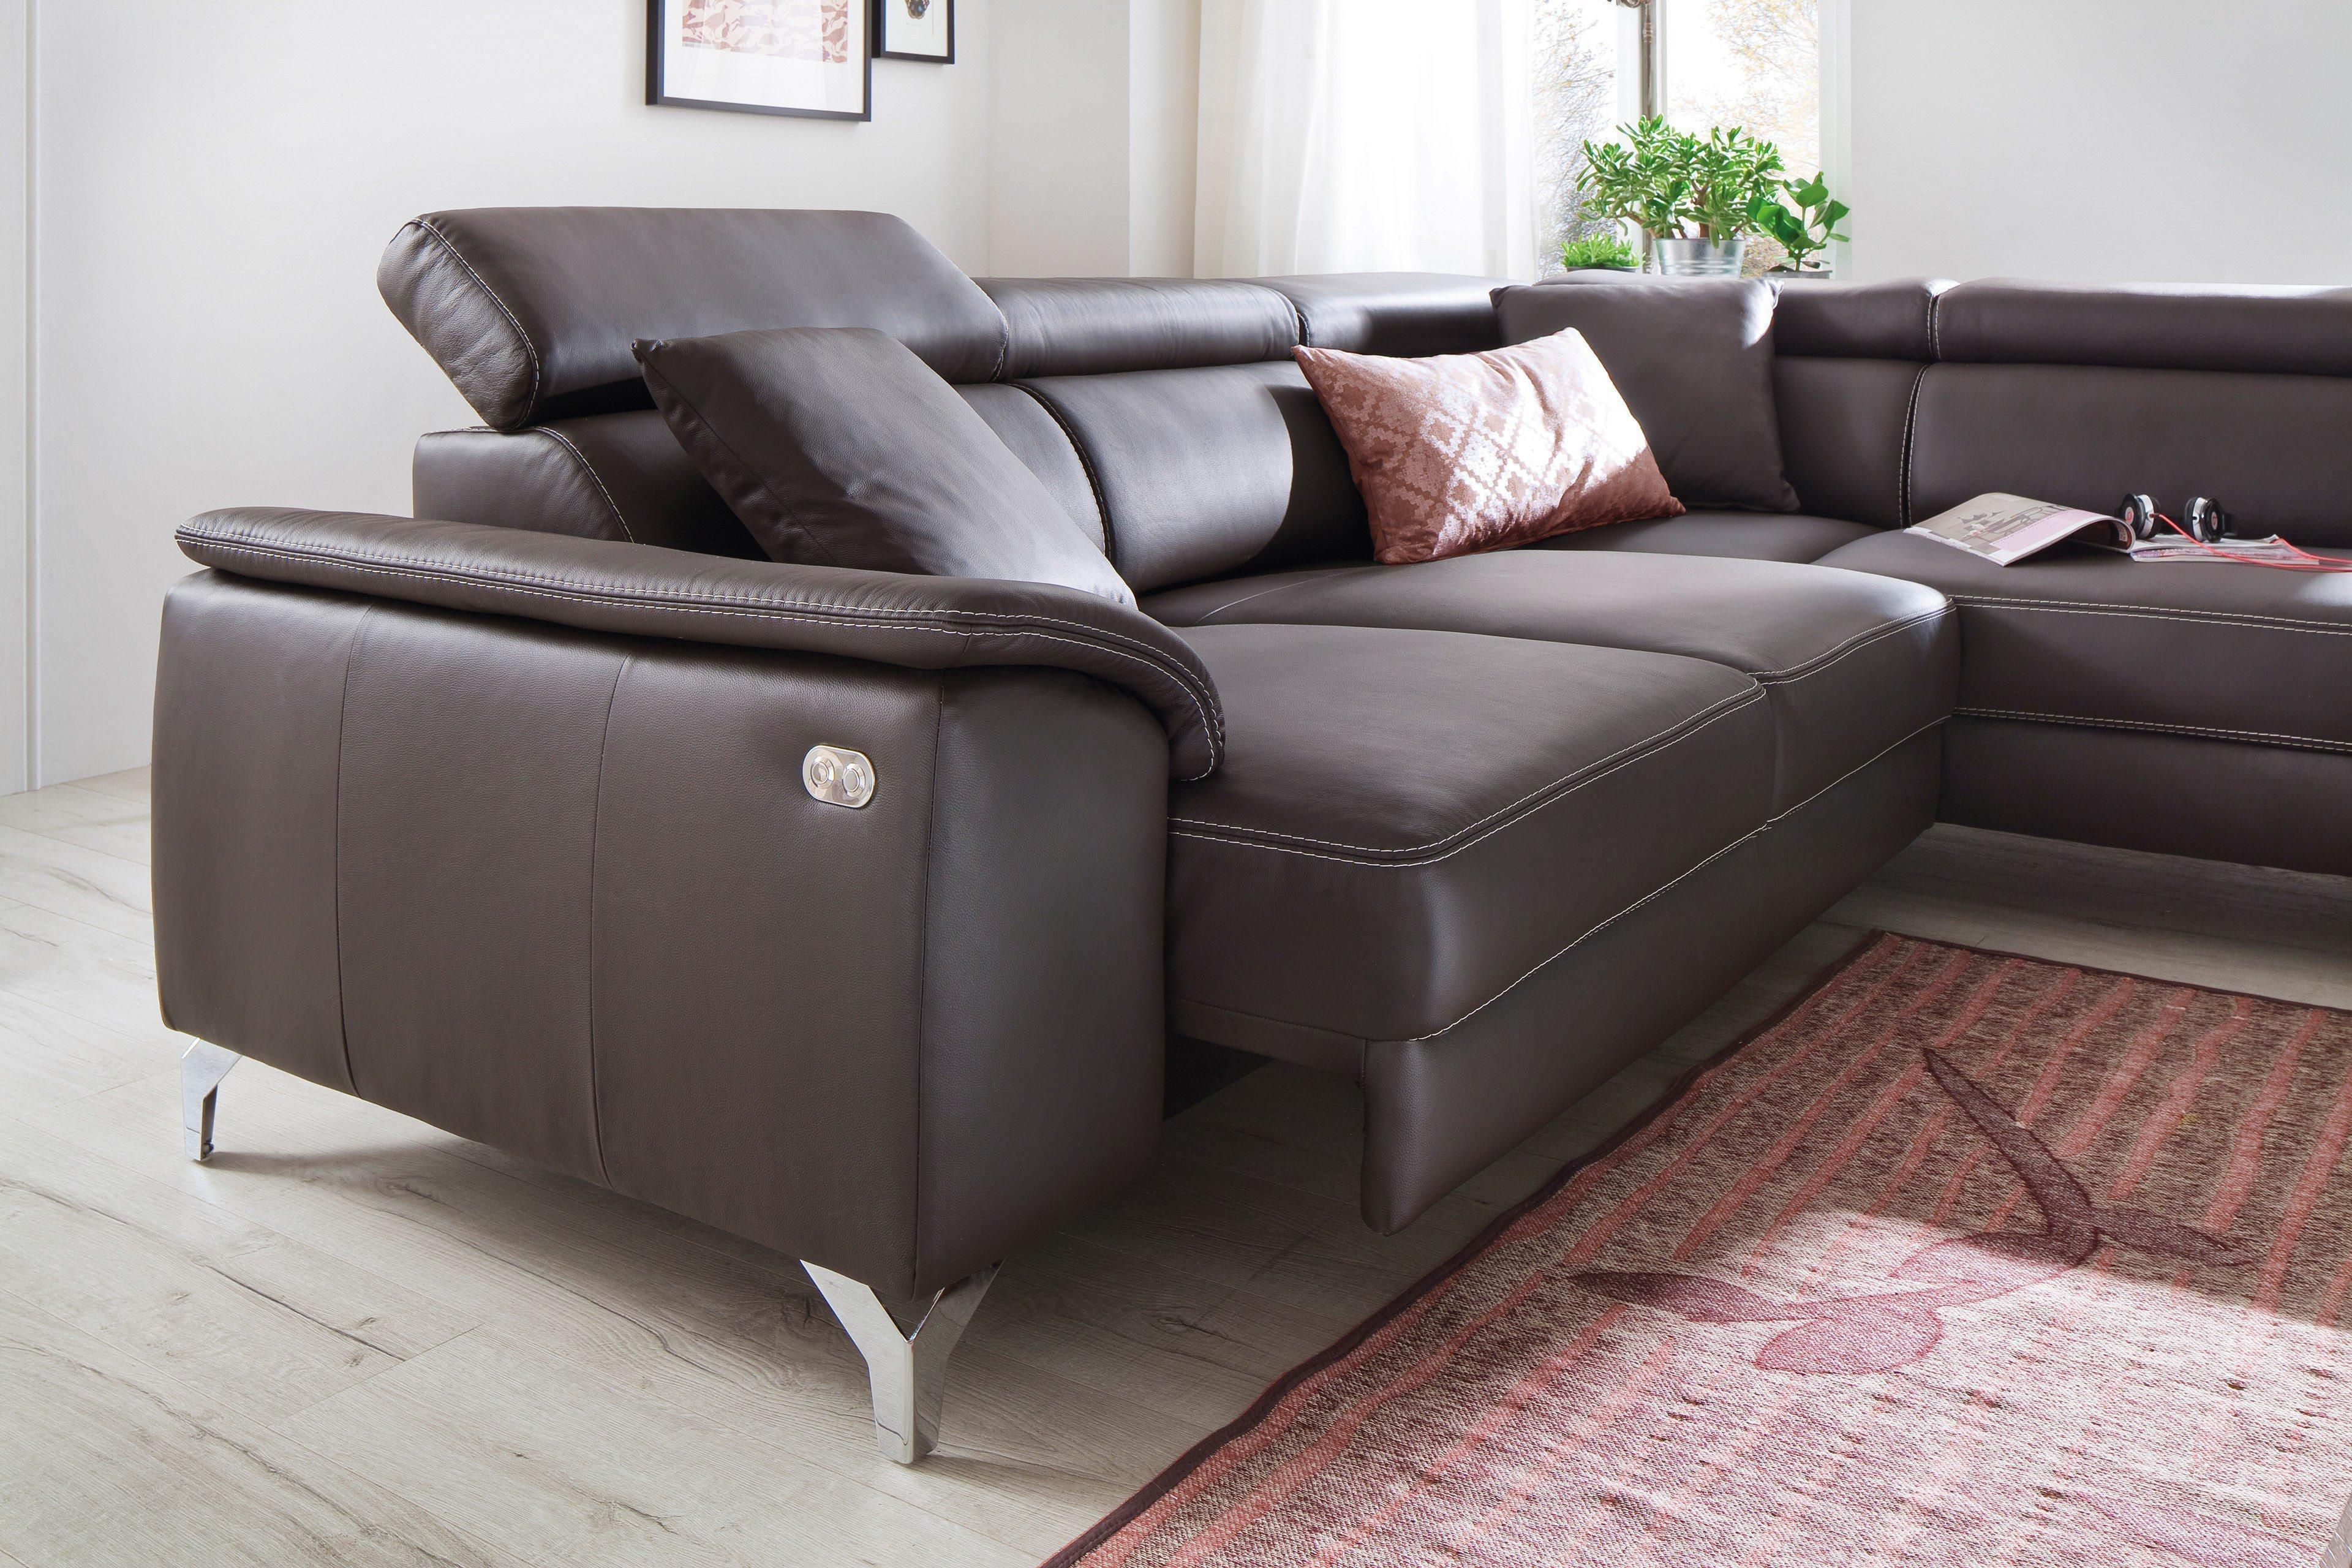 charmant candy polsterm bel leder bilder die. Black Bedroom Furniture Sets. Home Design Ideas